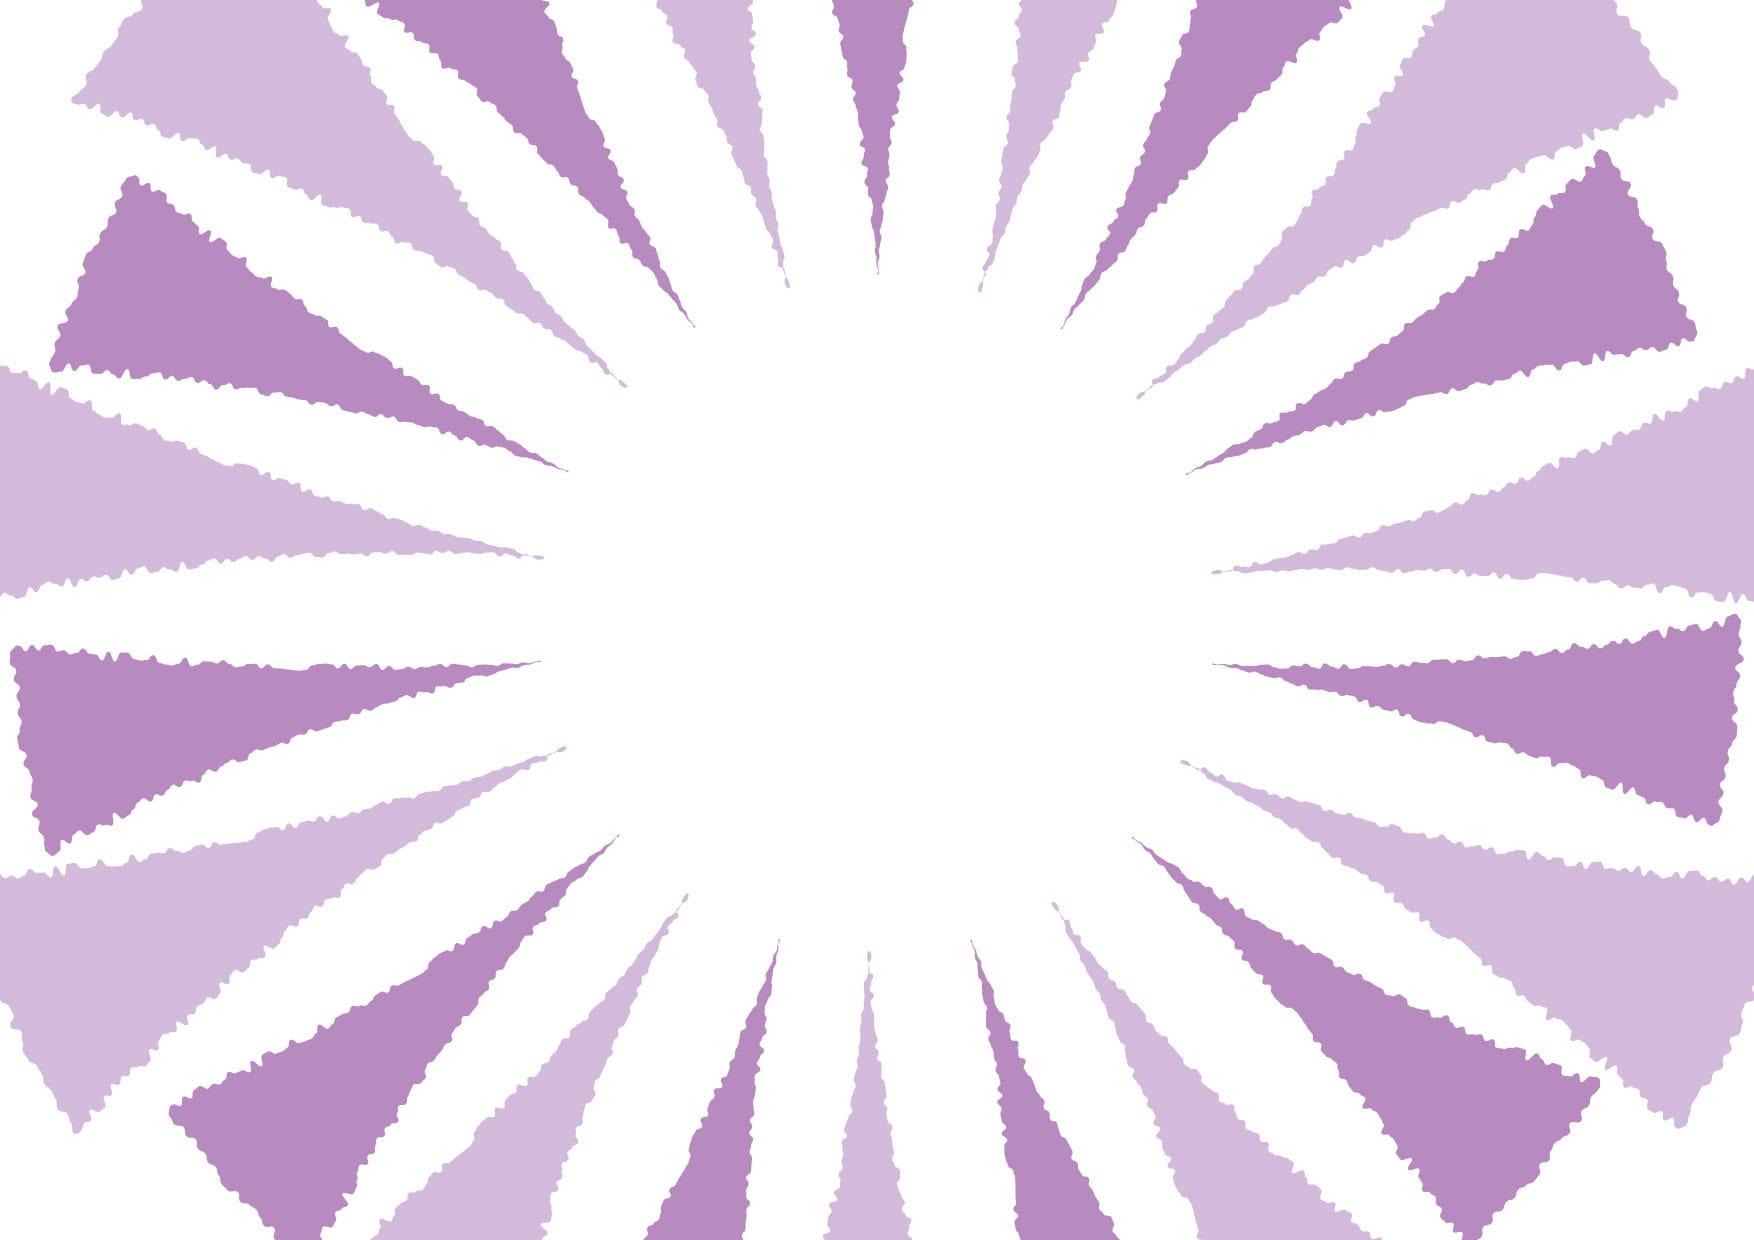 可愛いイラスト無料|ギラギラ 背景 紫色 − free illustration Glitter background purple